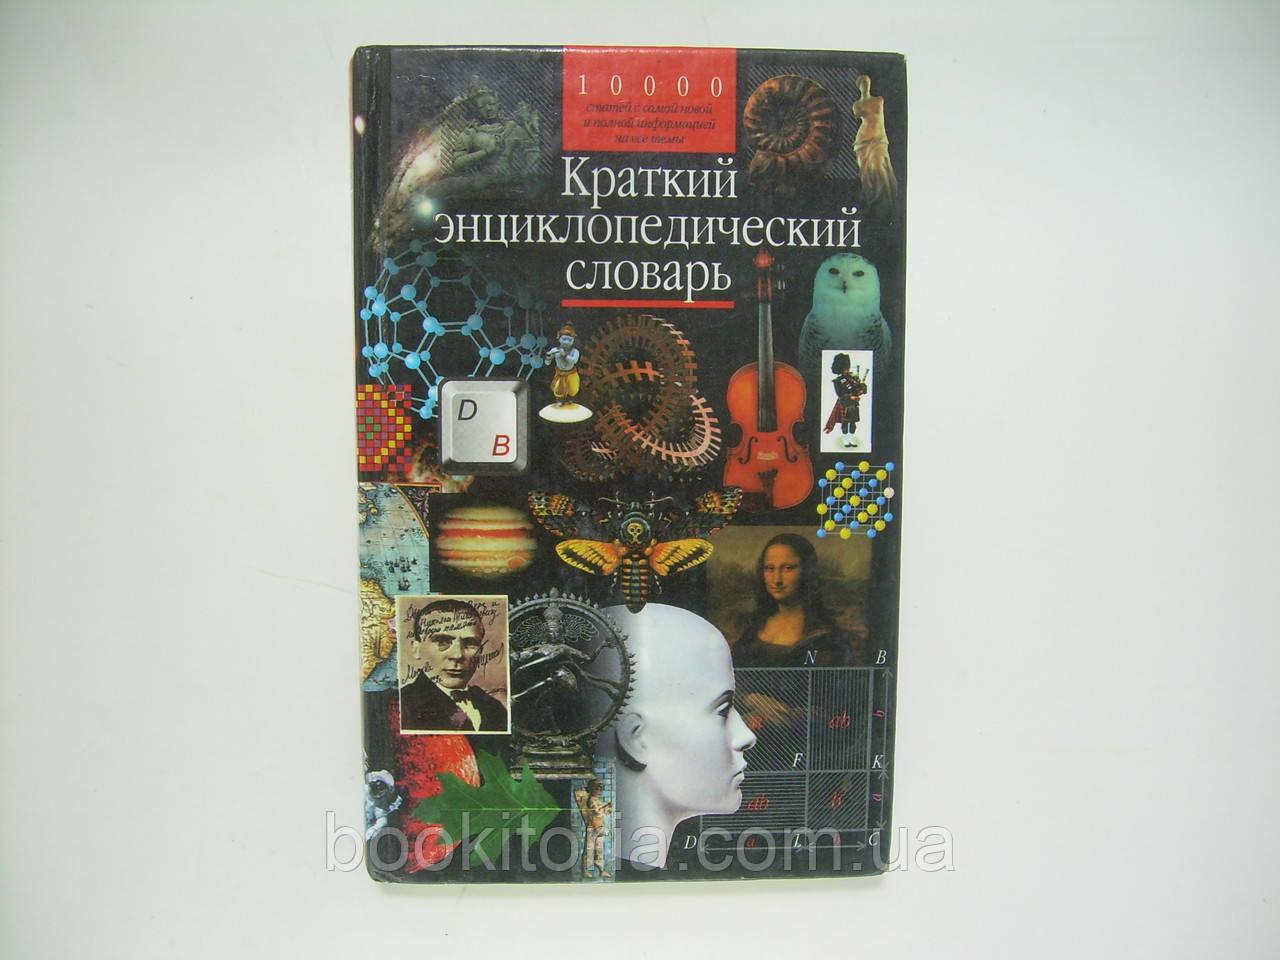 Краткий энциклопедический словарь (б/у).